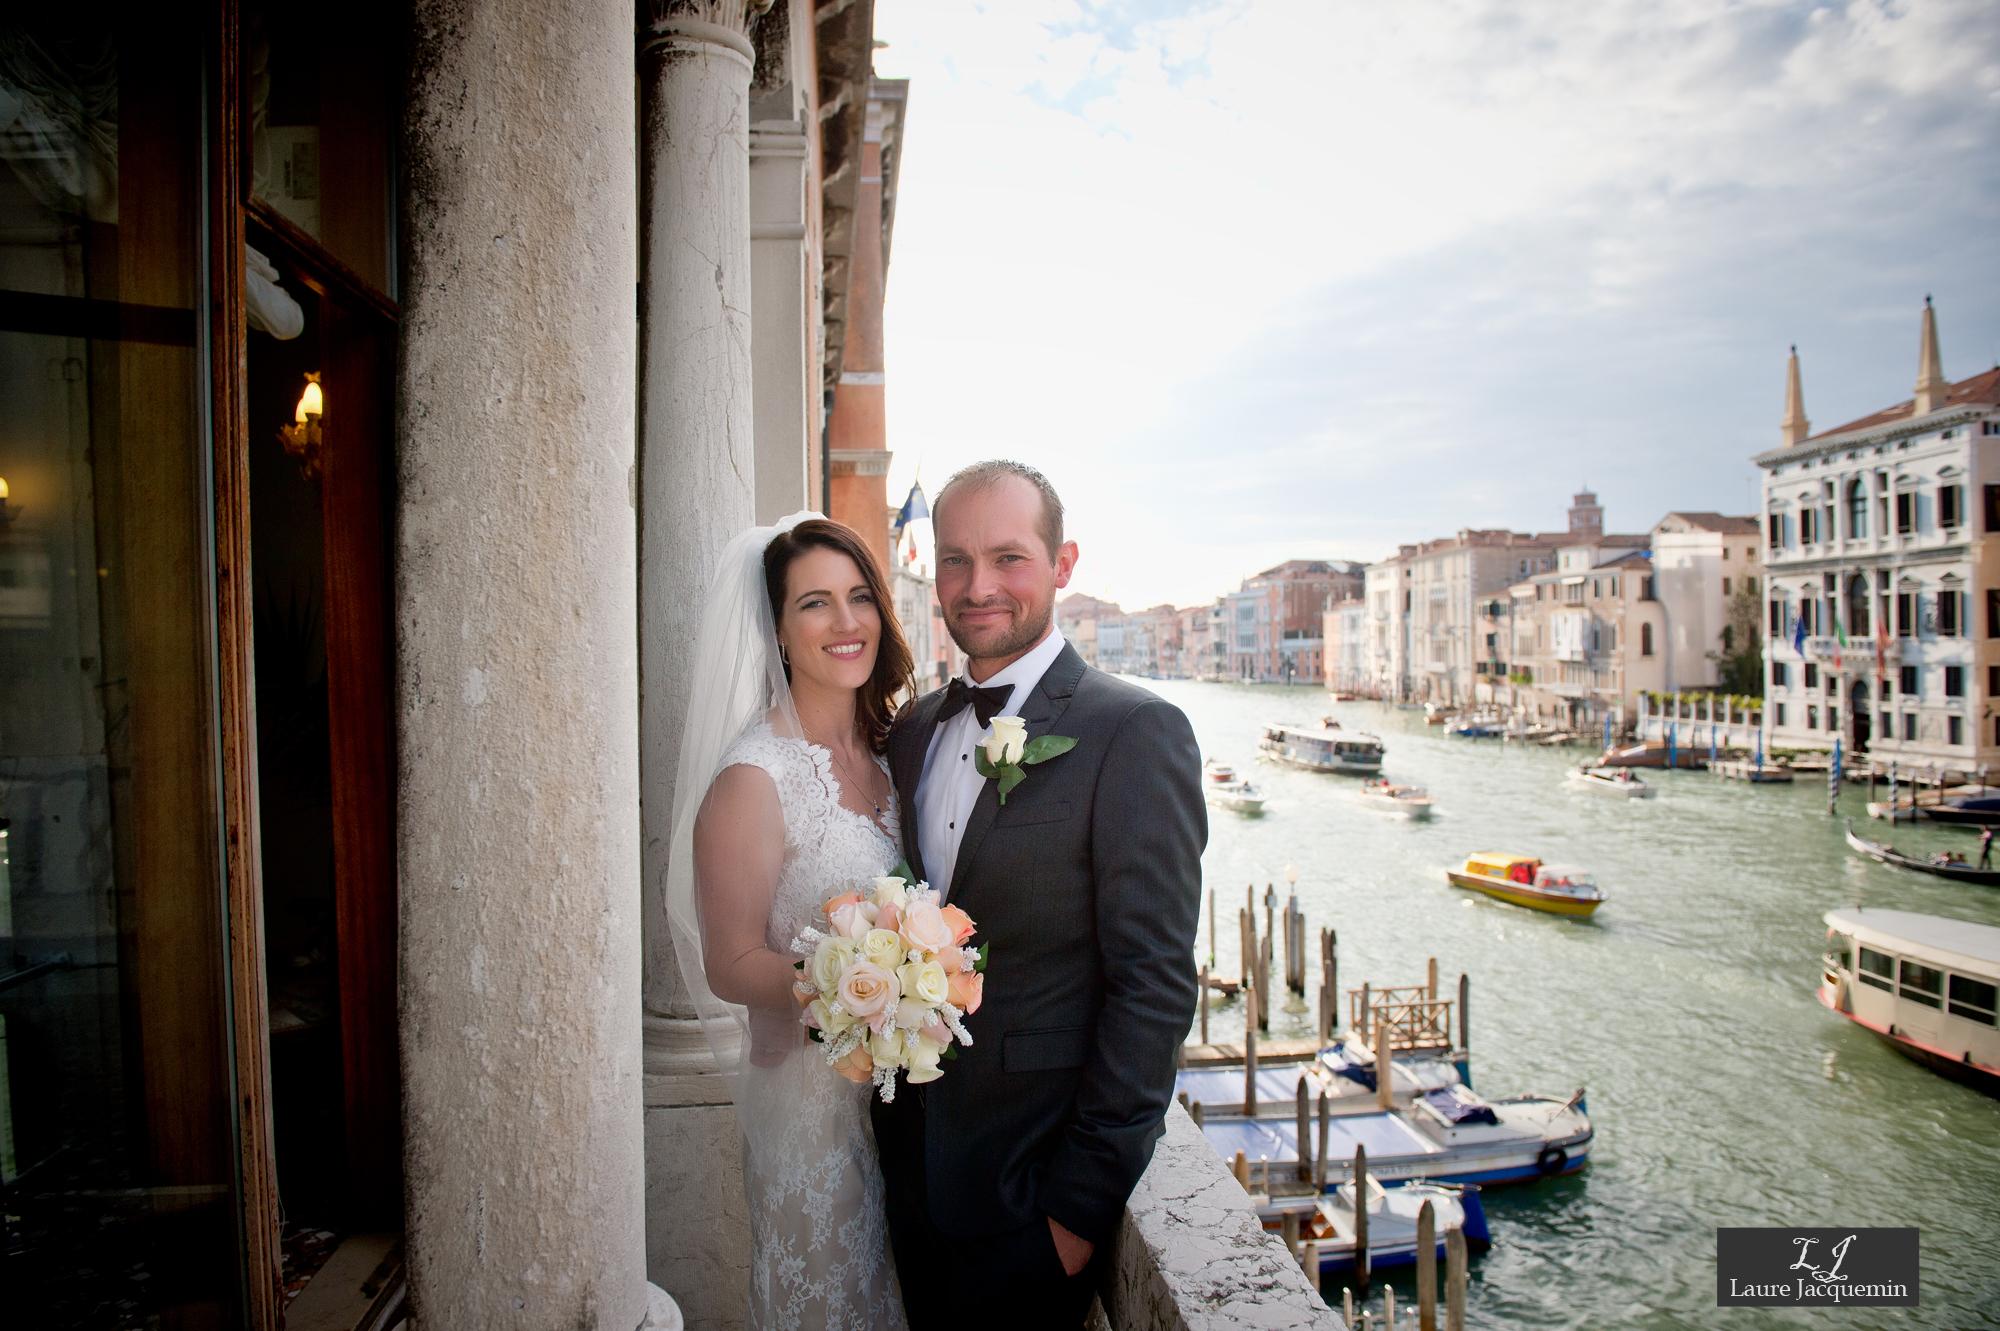 photographe mariage laure jacquemin palazzo cavalli service photographique (44)